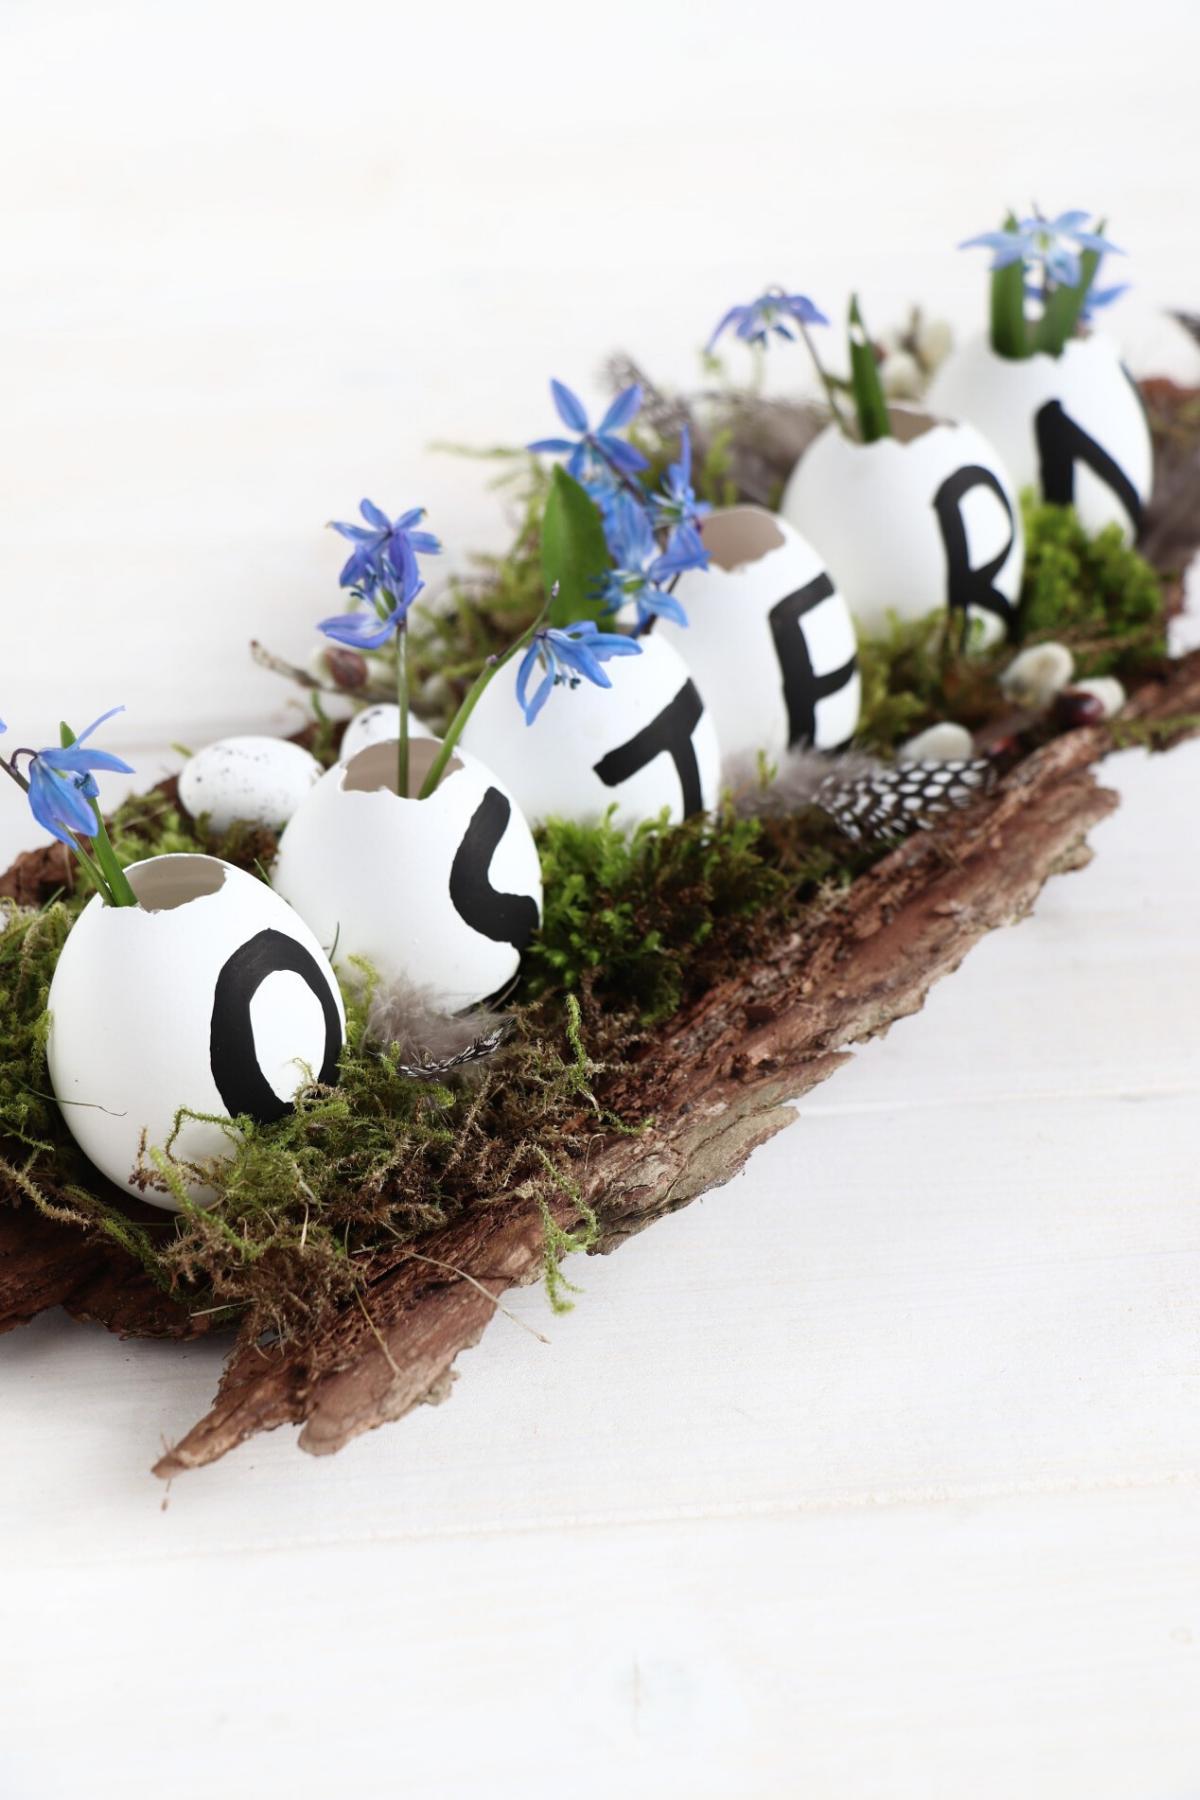 Ostern: Tischdeko-Idee - #fensterbankdekorieren #Ostern #TischdekoIdee #laternebastelnkinder